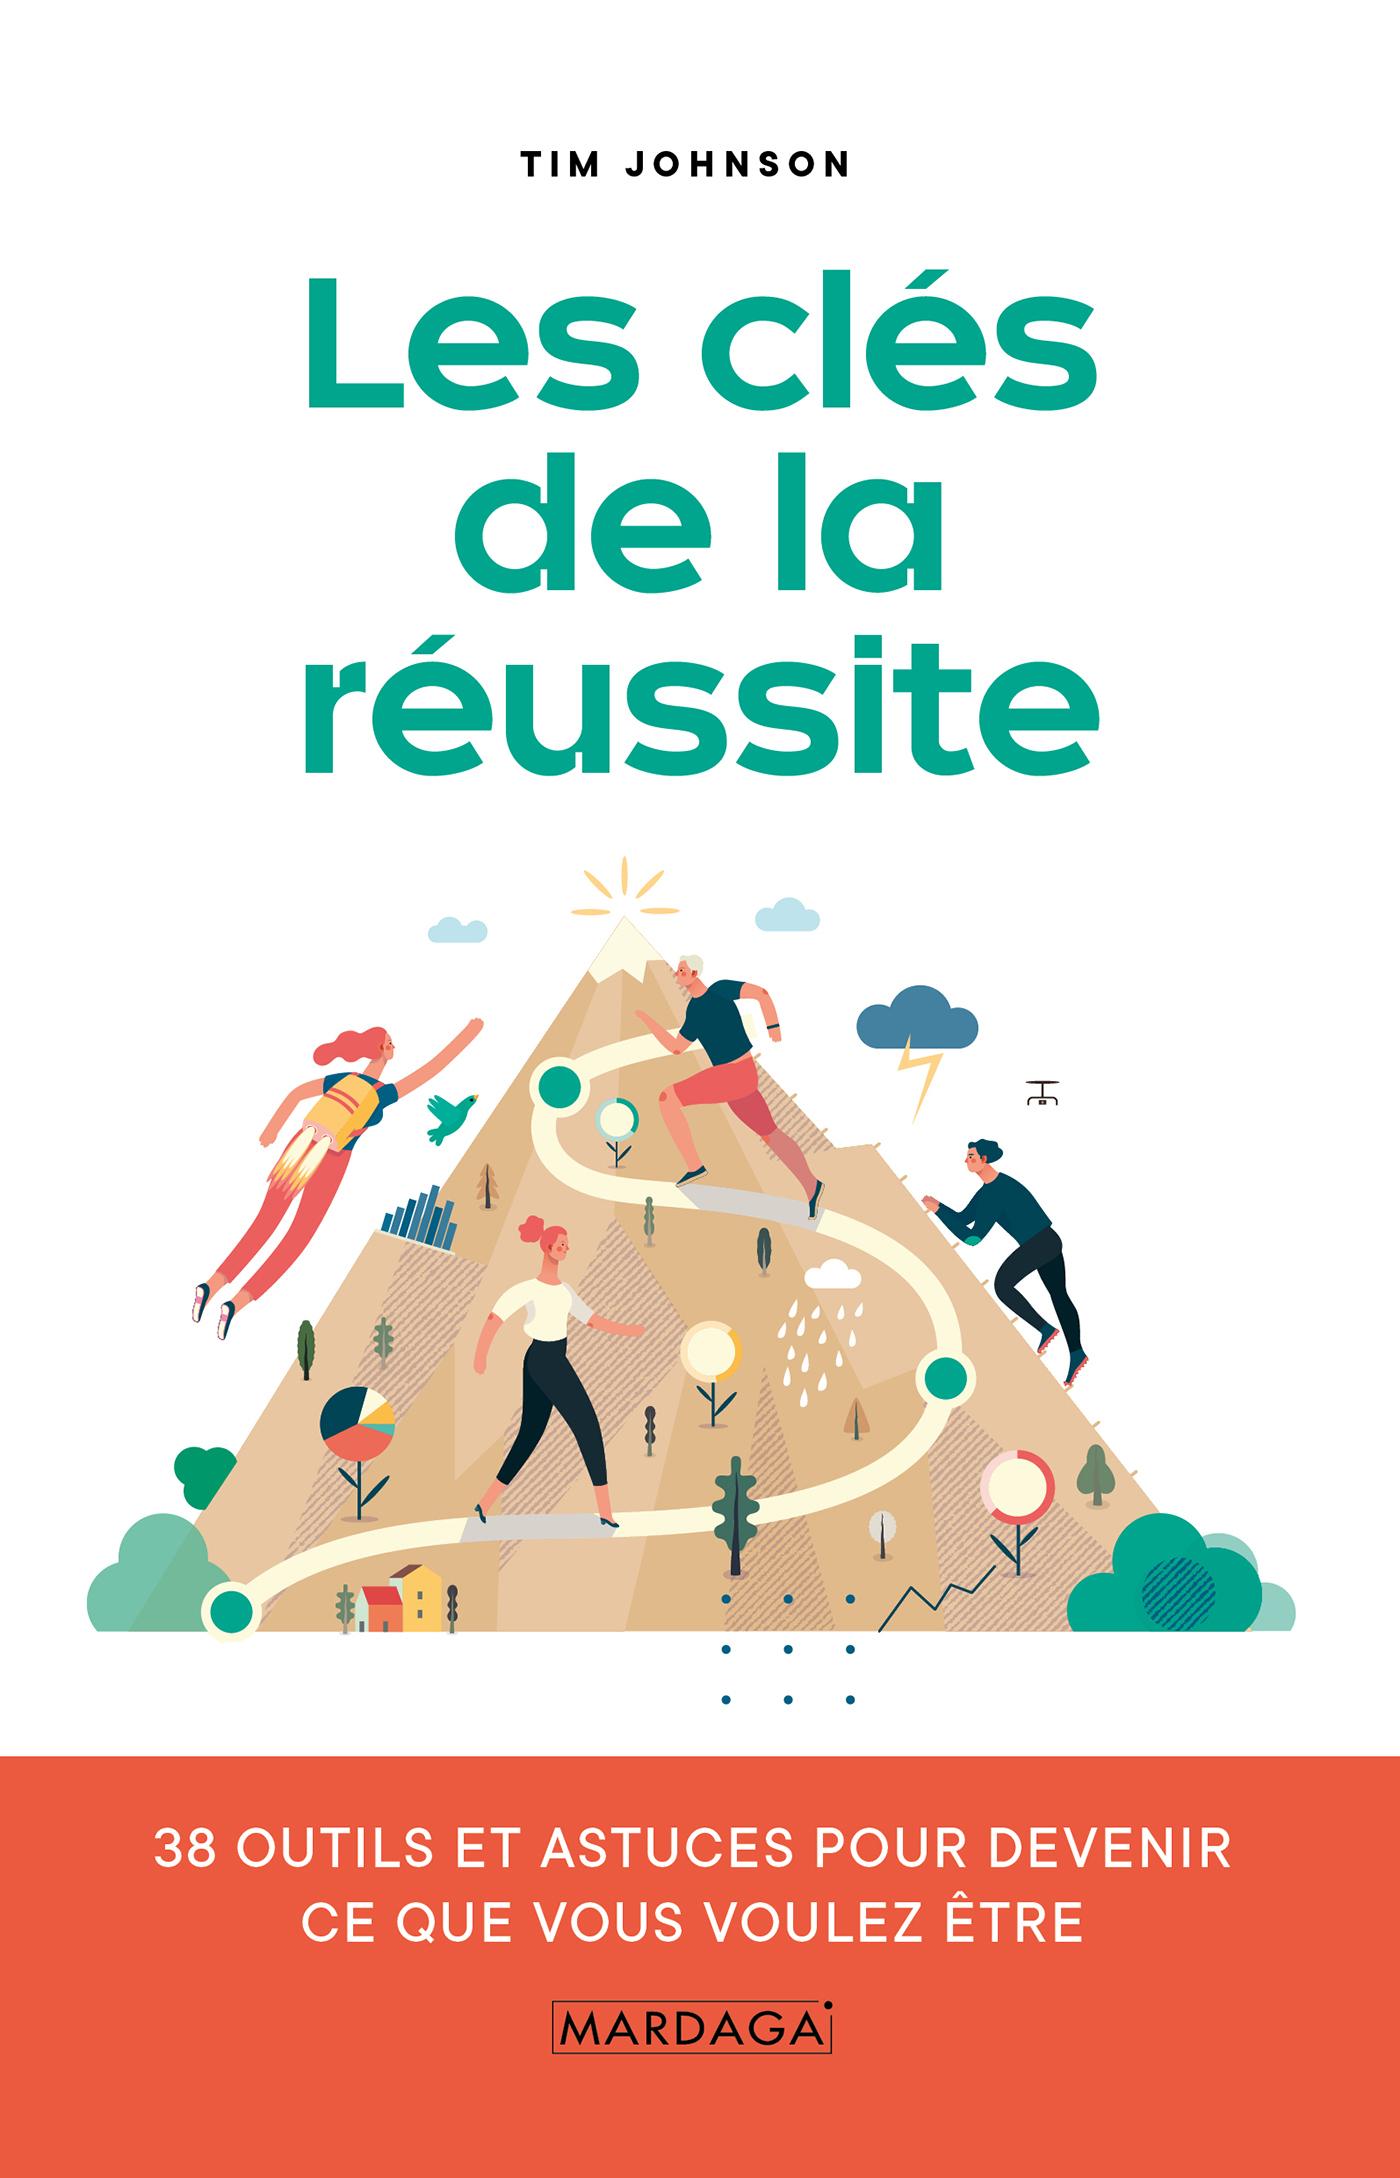 LES CLES DE LA REUSSITE - 38 OUTILS ET ASTUCES POUR DEVENIR CE QUE VOUS VOULEZ ETRE